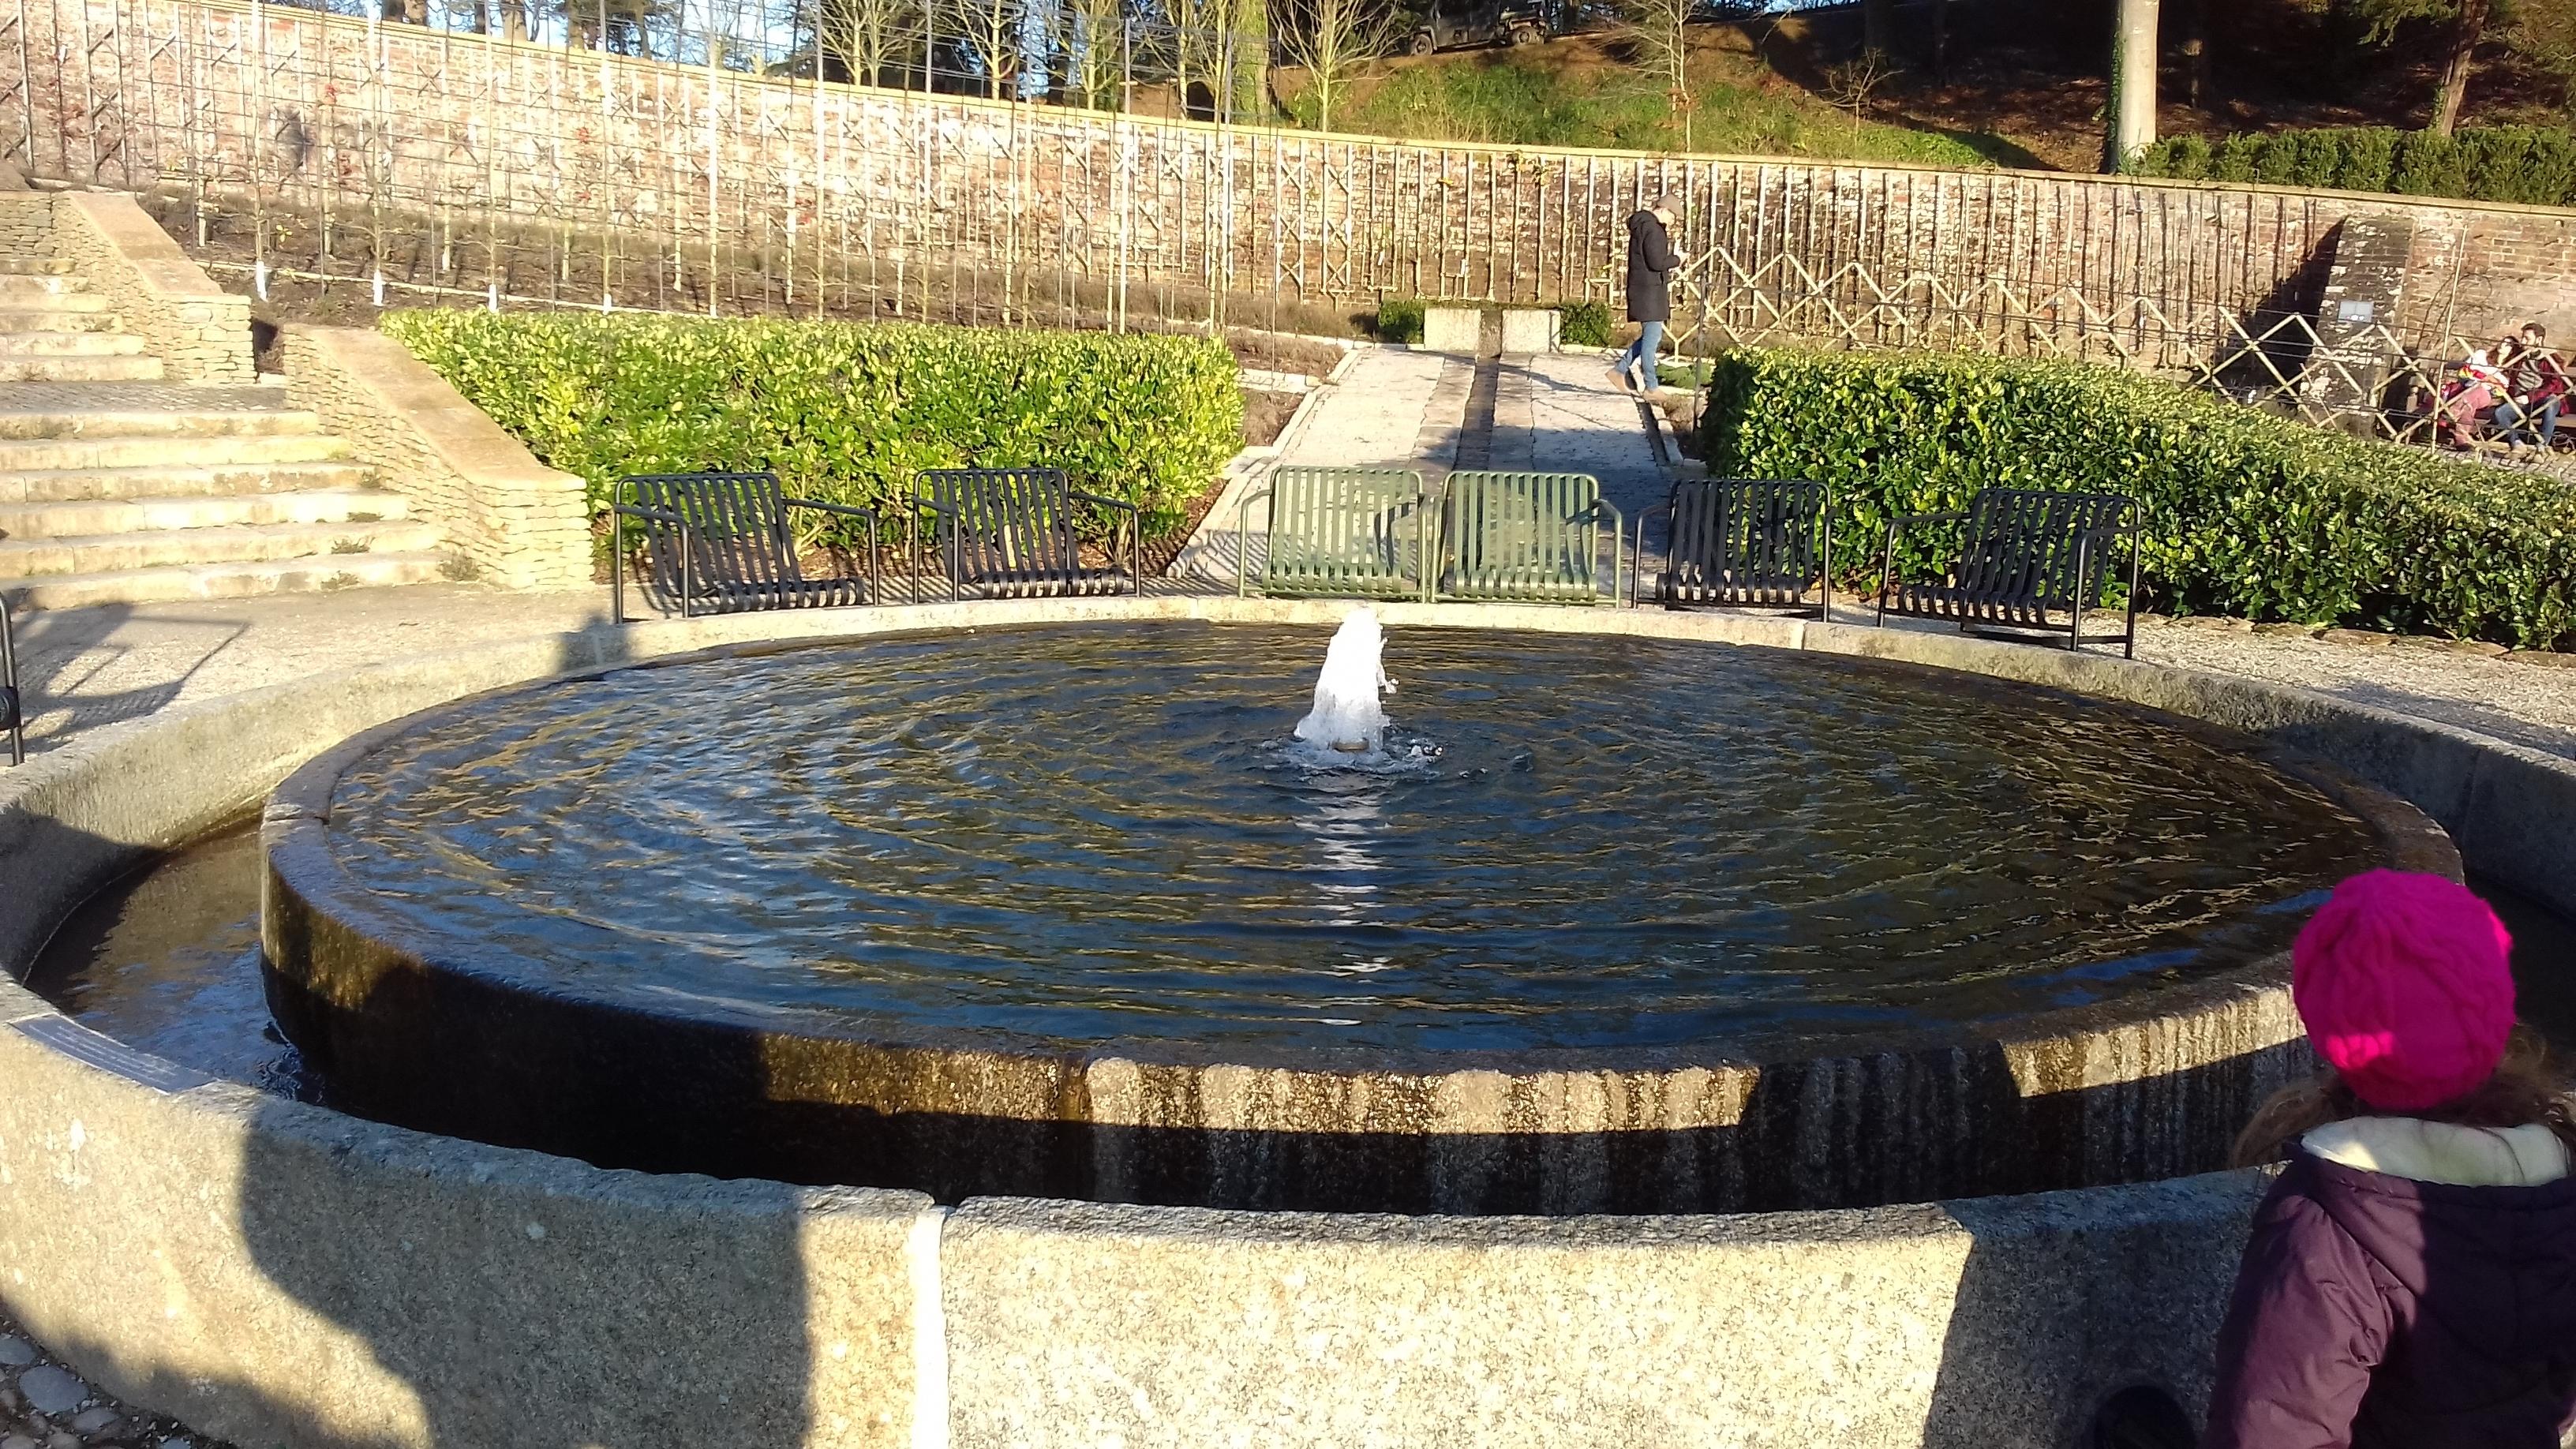 A circular fountain